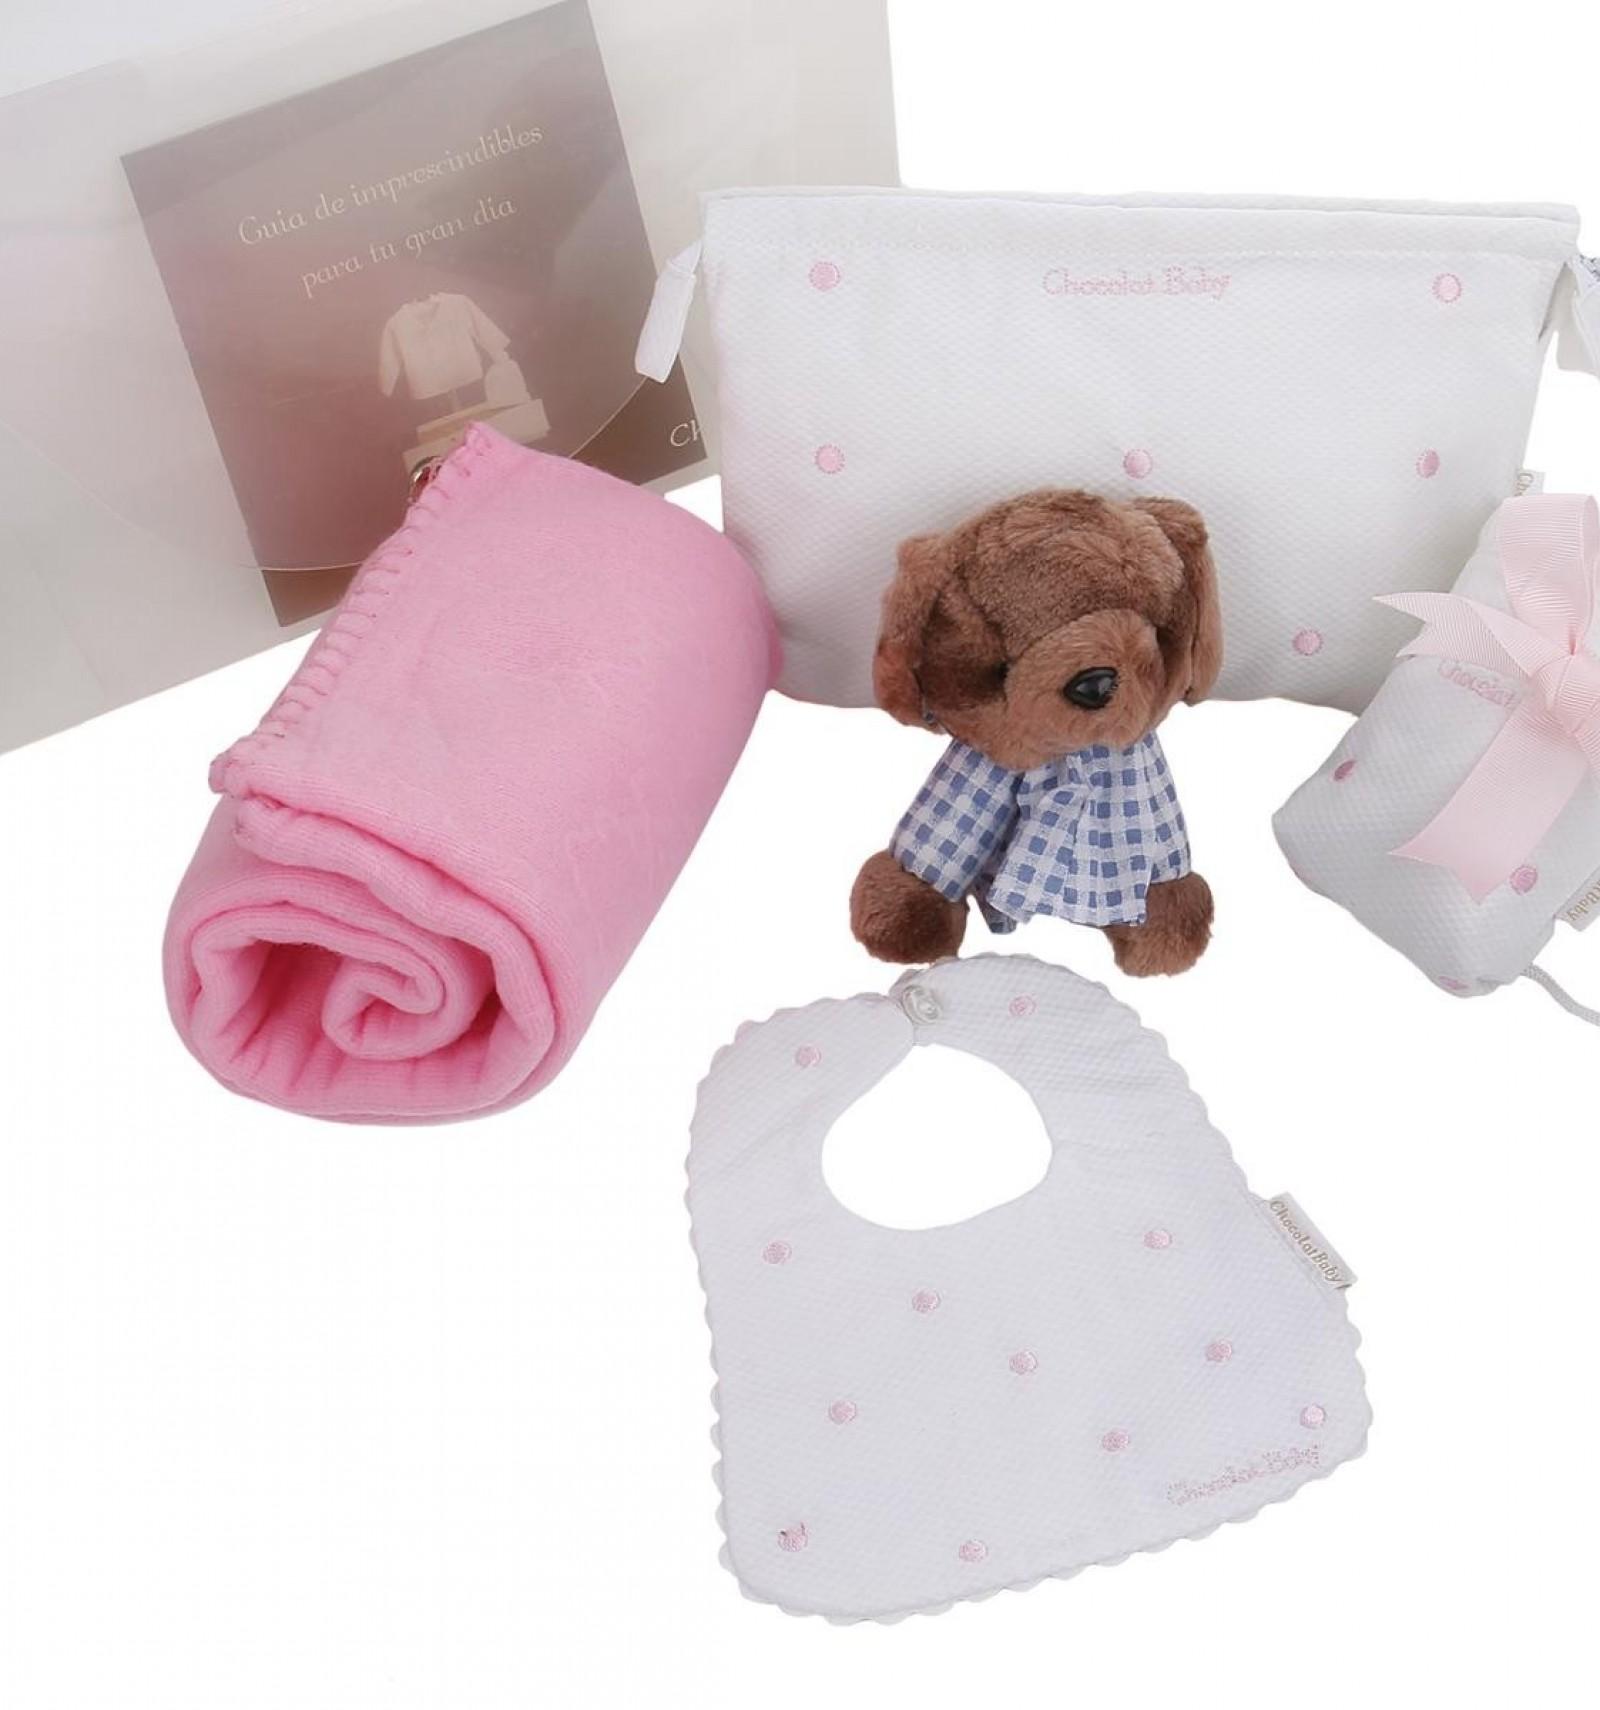 df17a0042 Maletin de regalo para recién nacidos y bebés con  portachupete